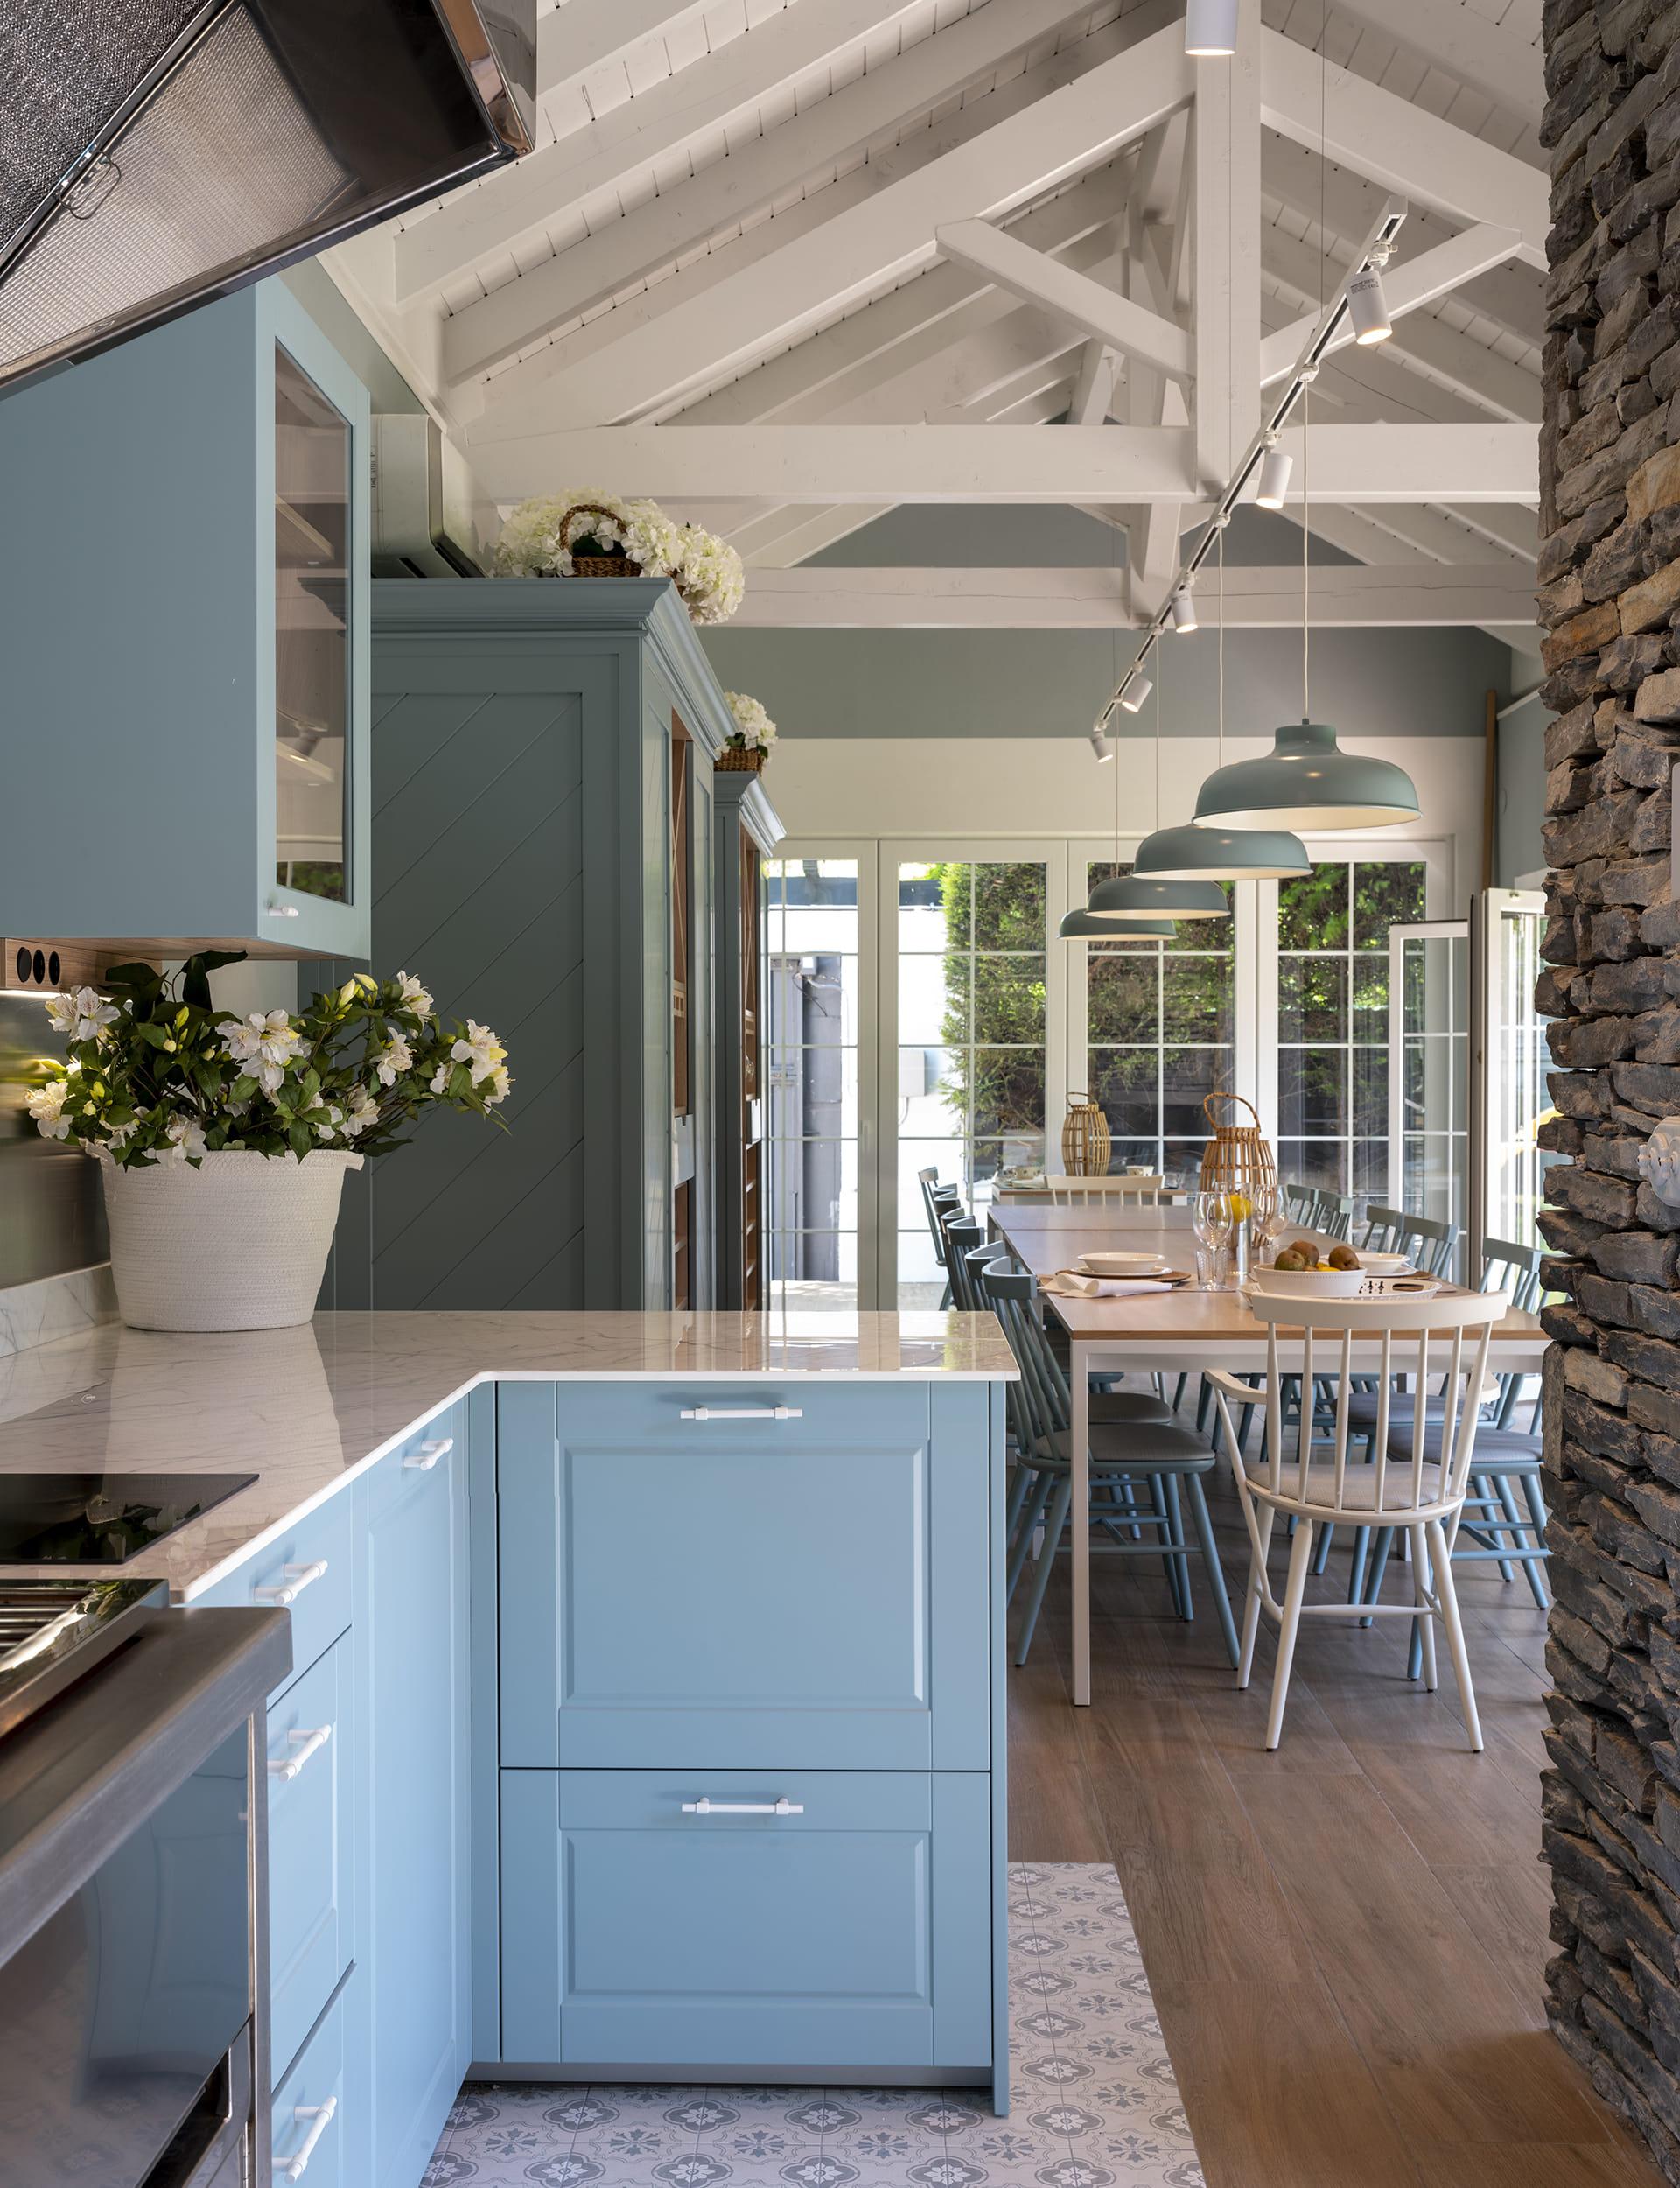 Cuisine avec table en bois et chaises bleues